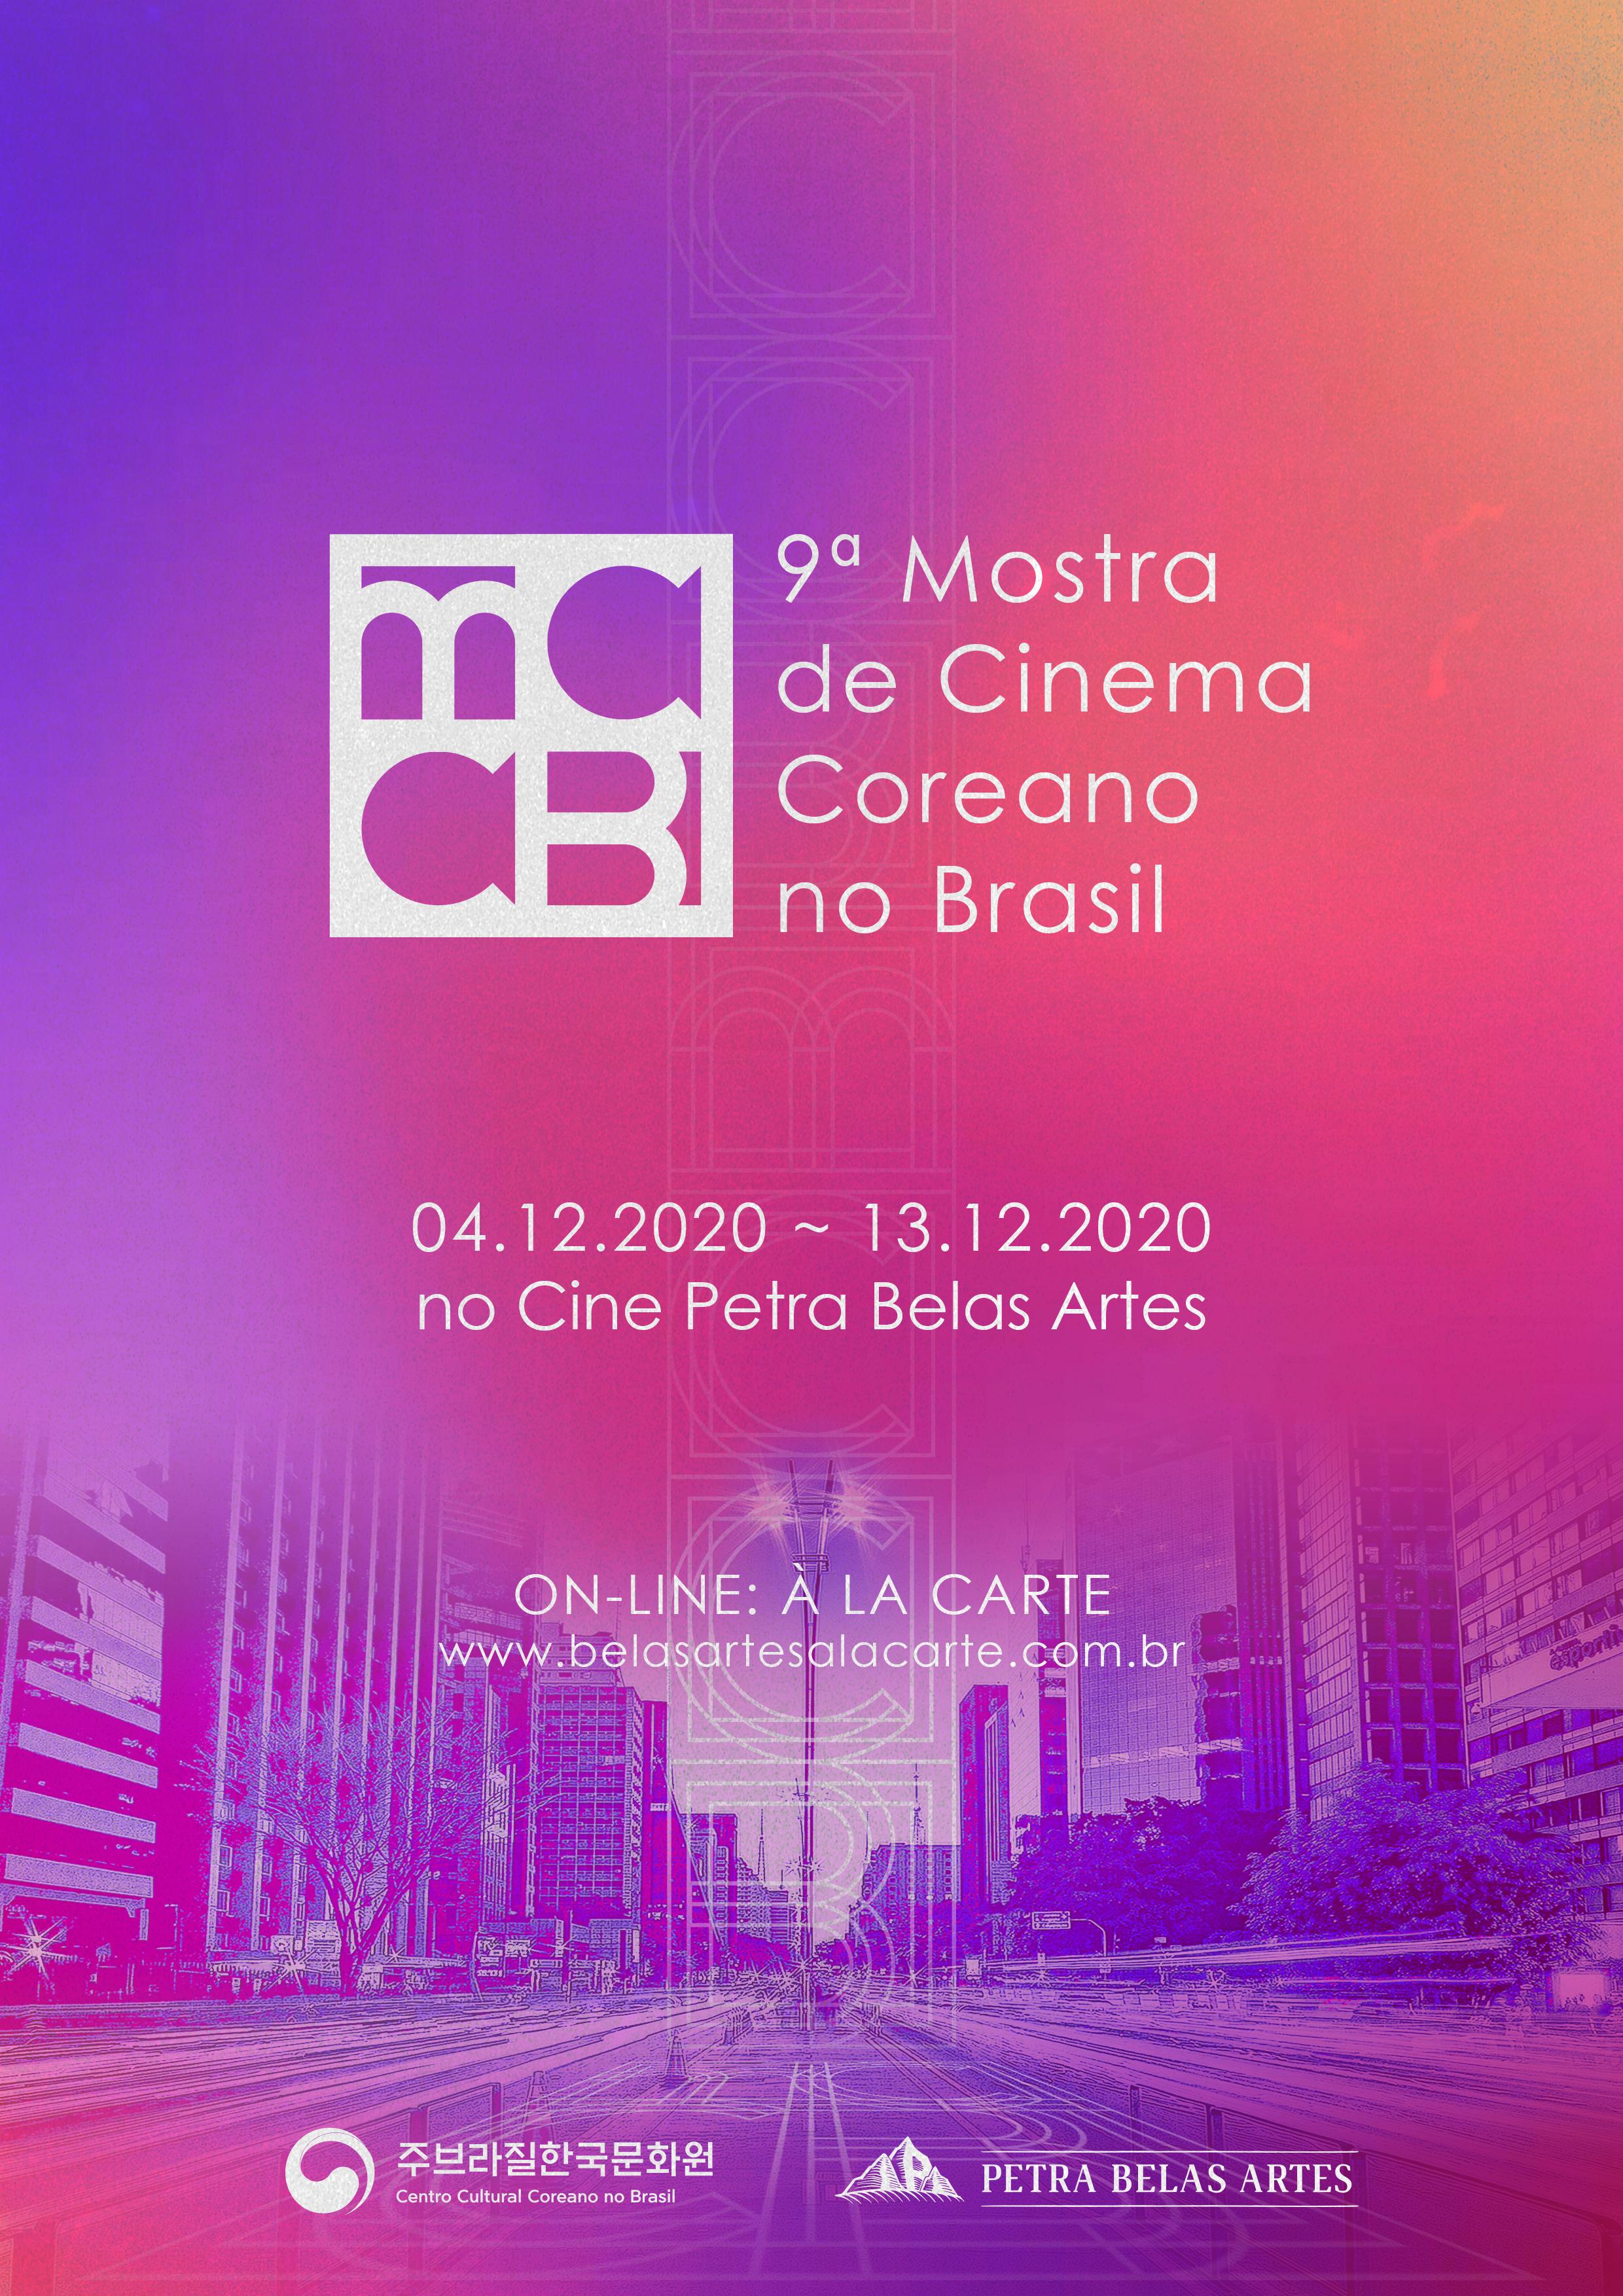 Mostra de CInema Coreano no Brasil.jpg